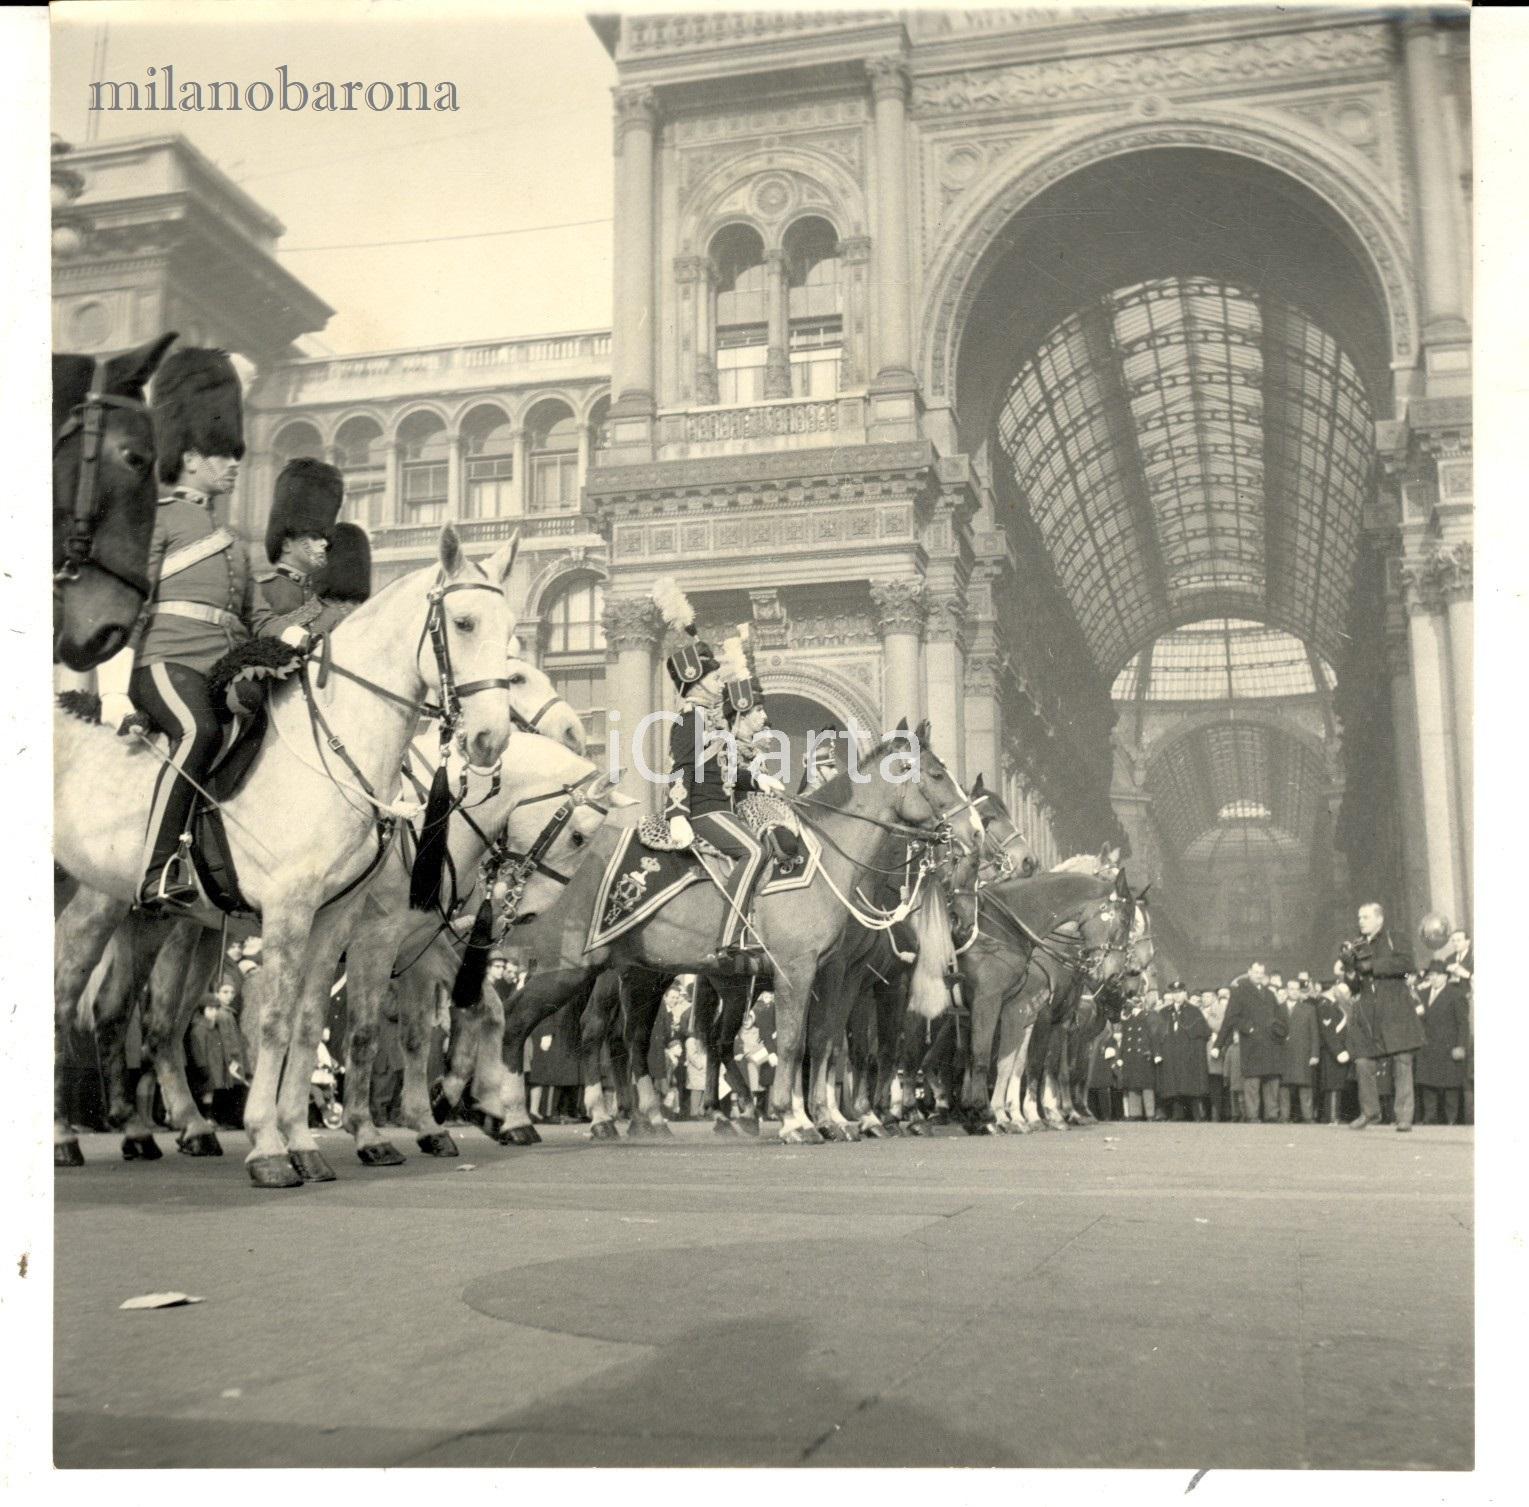 Milano 1967, Piazza DUOMO, rappresentazione della Cavalcata degli Ussari.